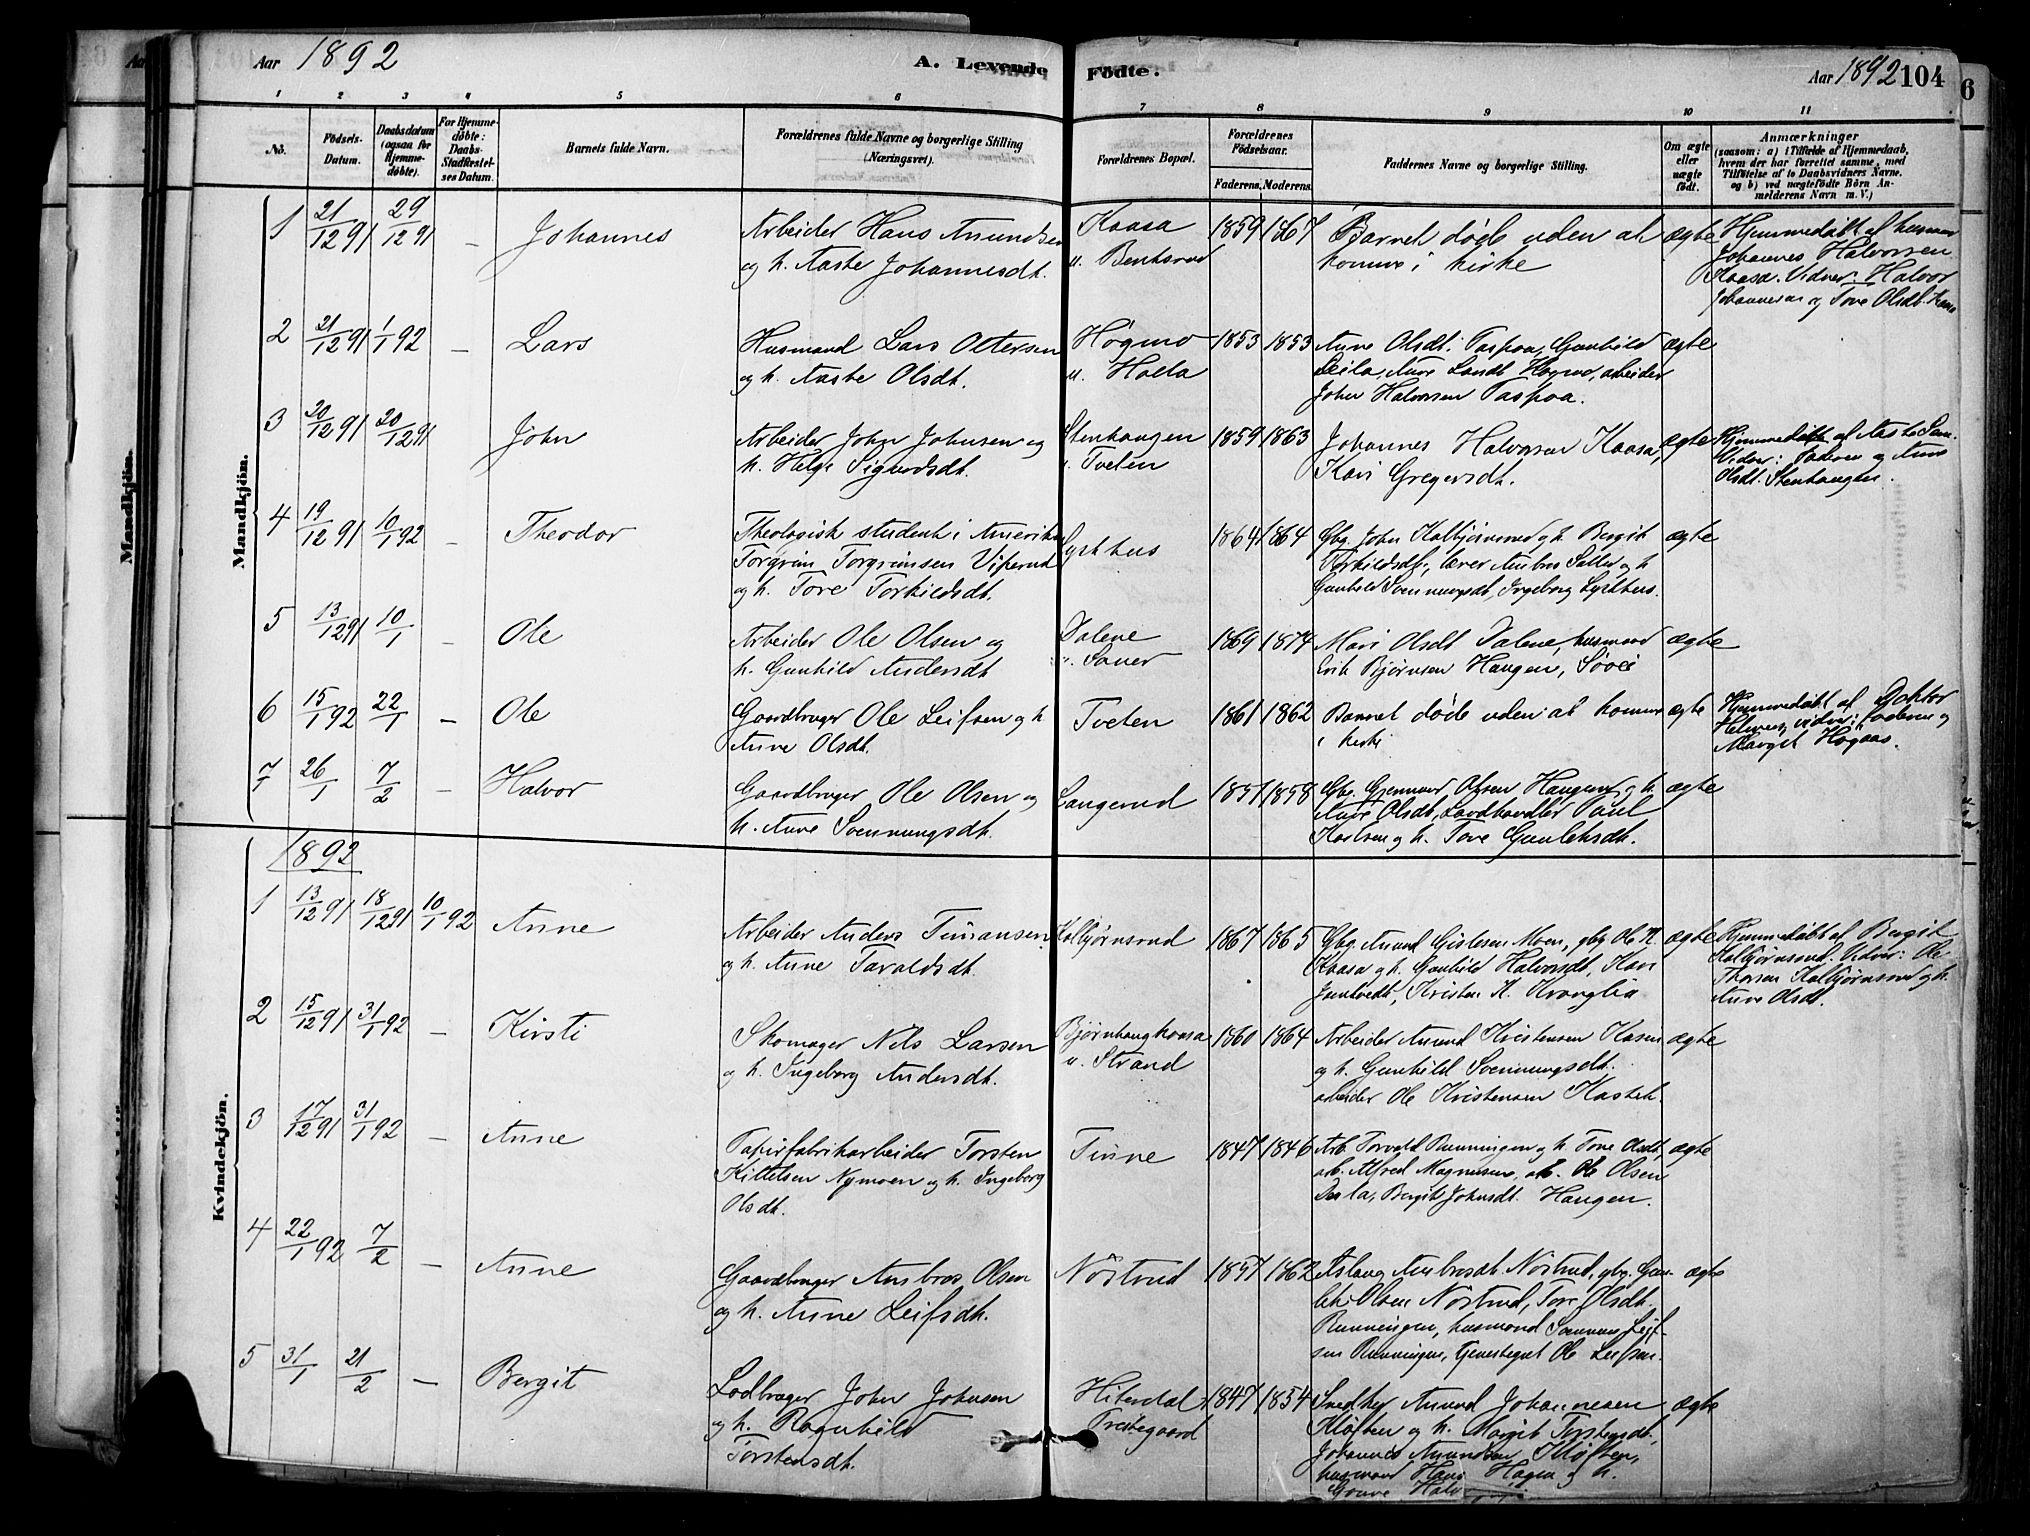 SAKO, Heddal kirkebøker, F/Fa/L0008: Ministerialbok nr. I 8, 1878-1903, s. 104